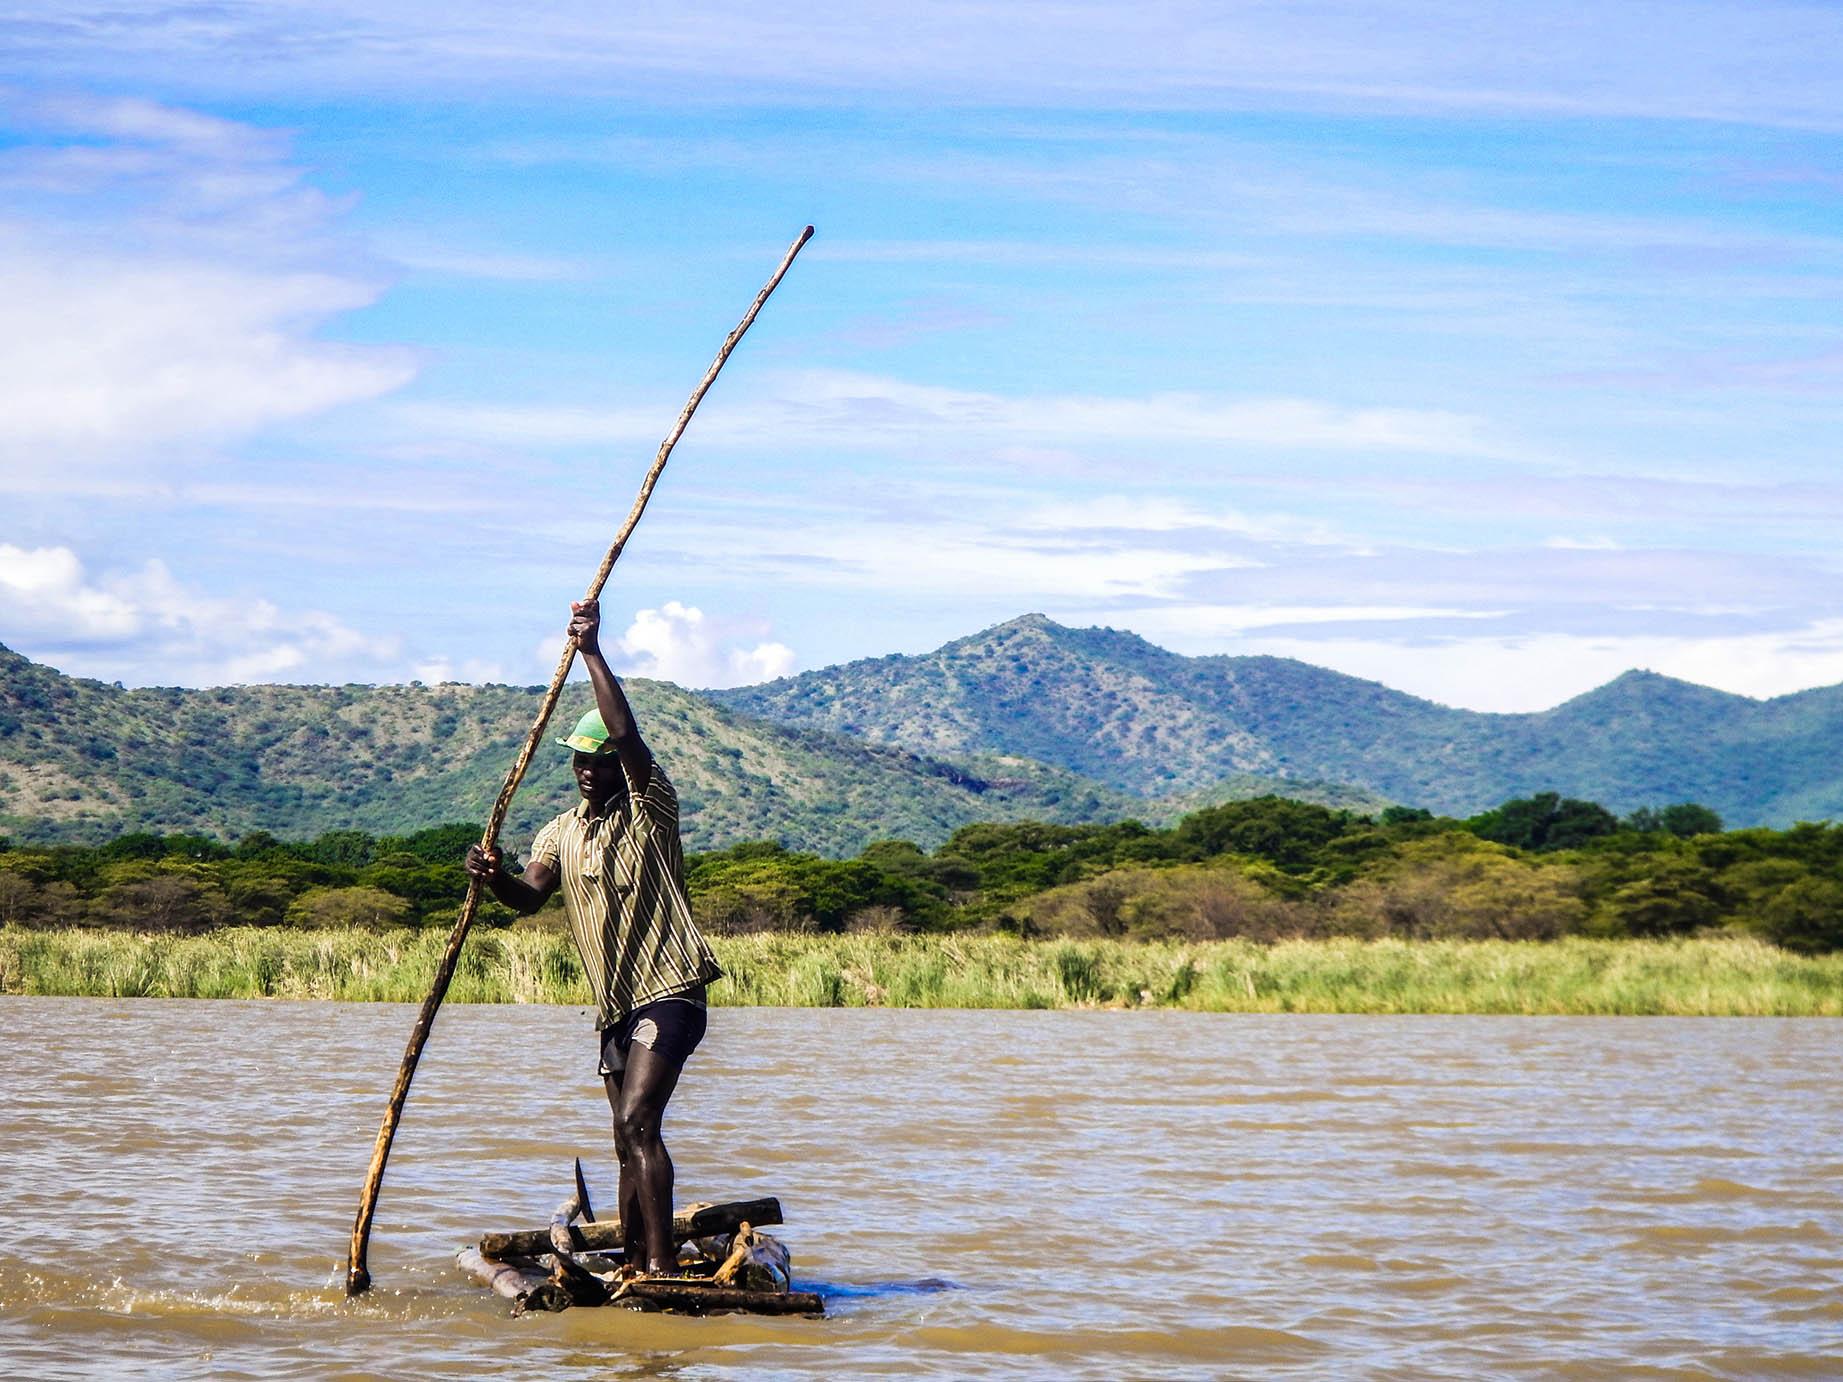 דייג באגם קומו - טיול פרטי באתיופיה